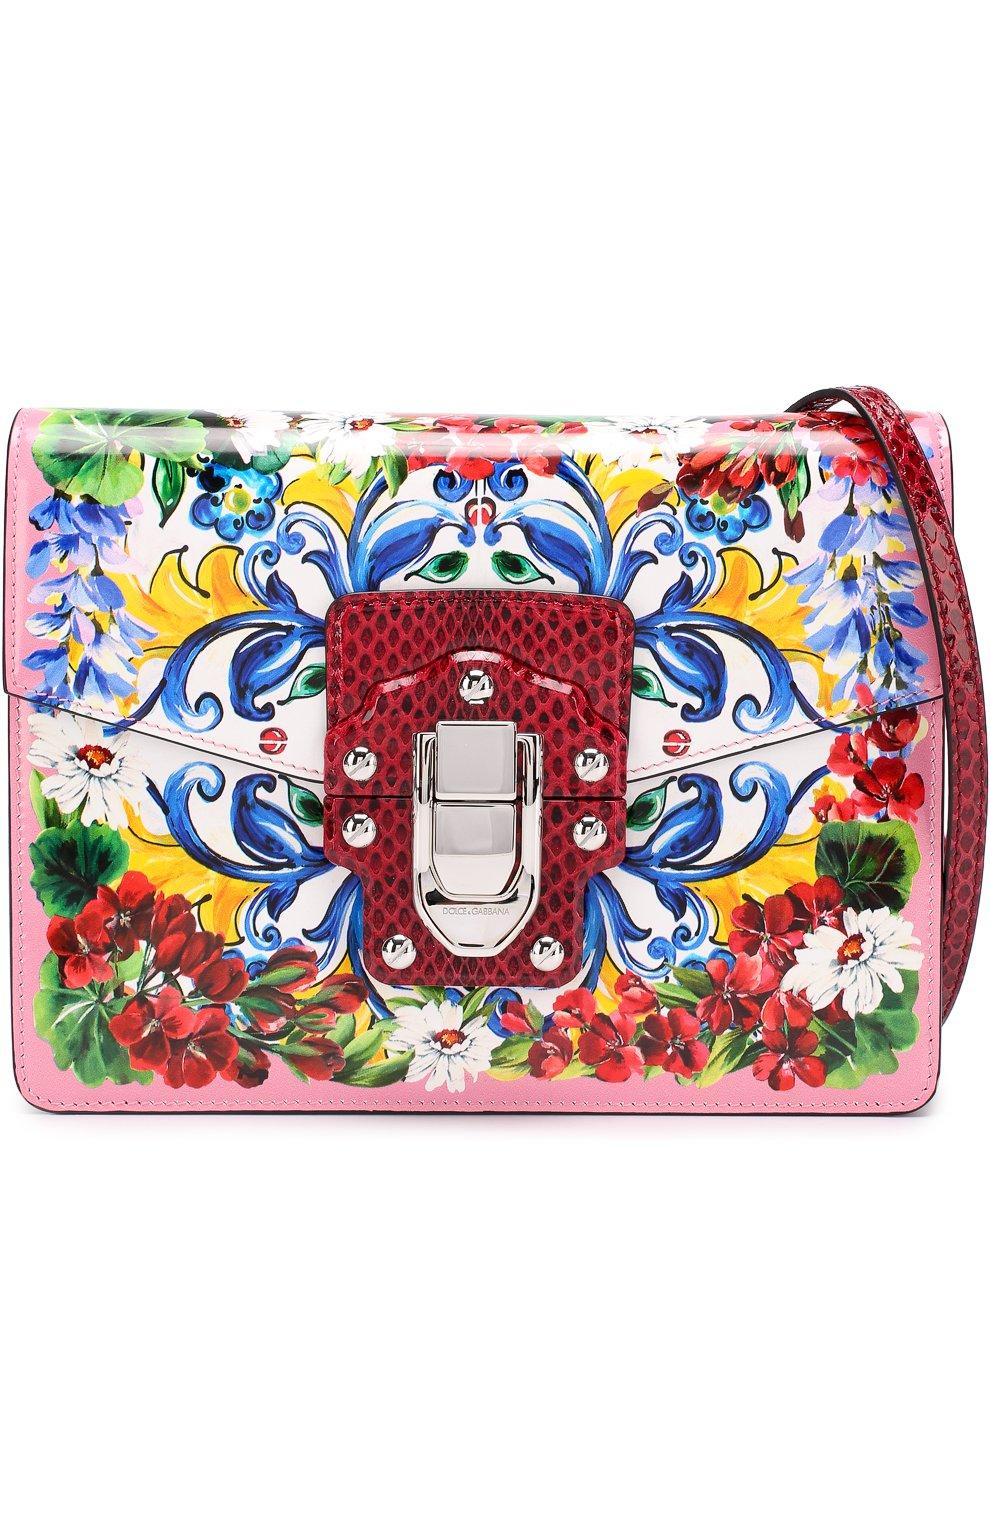 Сумка Lucia с принтом Dolce & Gabbana разноцветная цвета | Фото №5